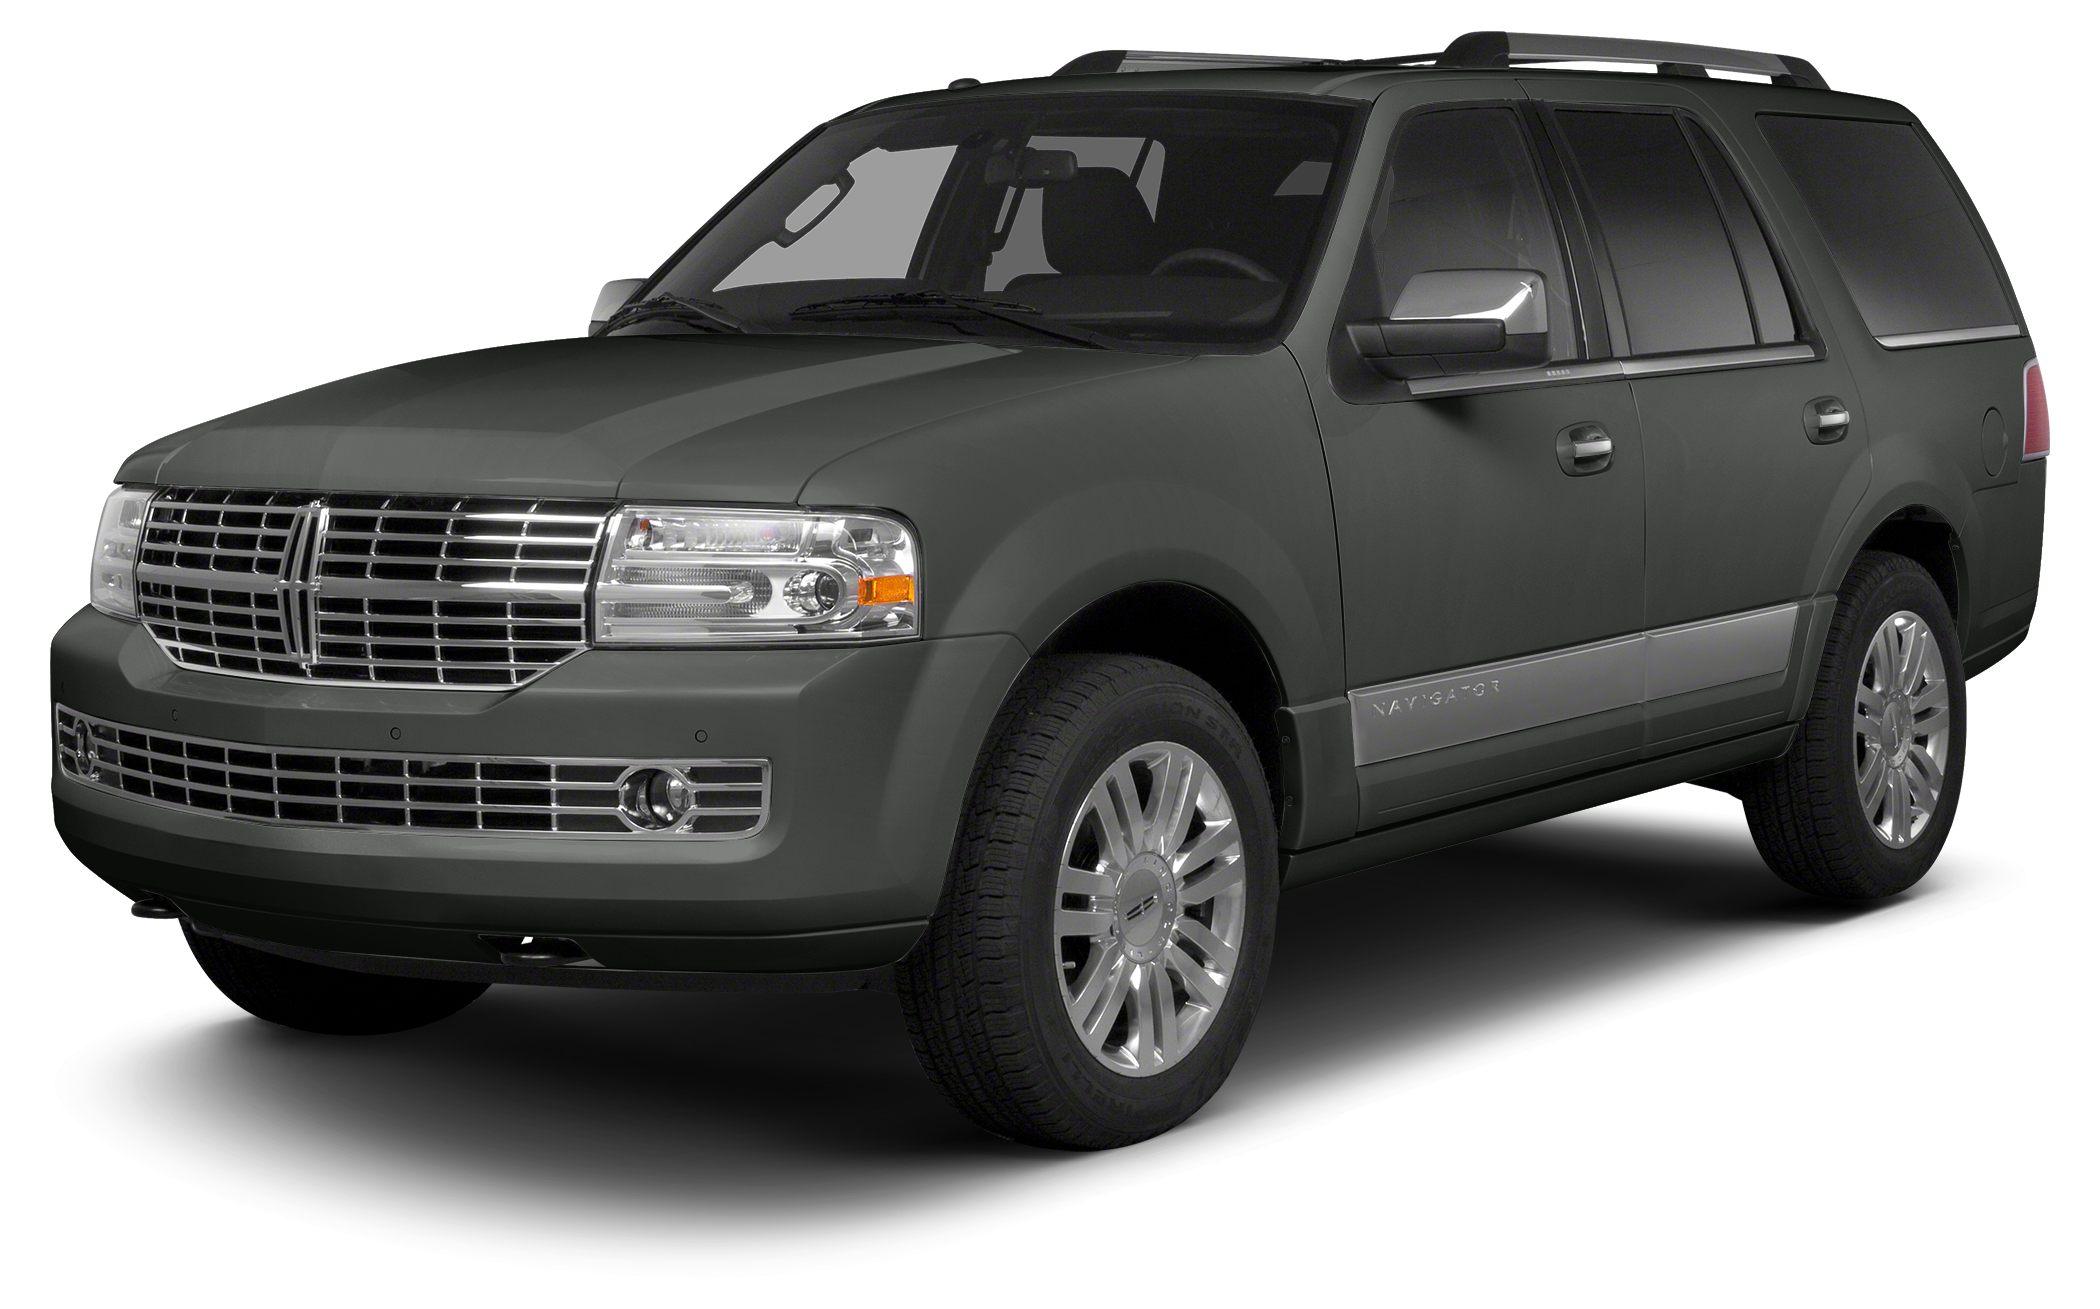 2013 Lincoln Navigator Base Miles 34605Color Gray Stock P6728 VIN 5LMJJ2H52DEL05580